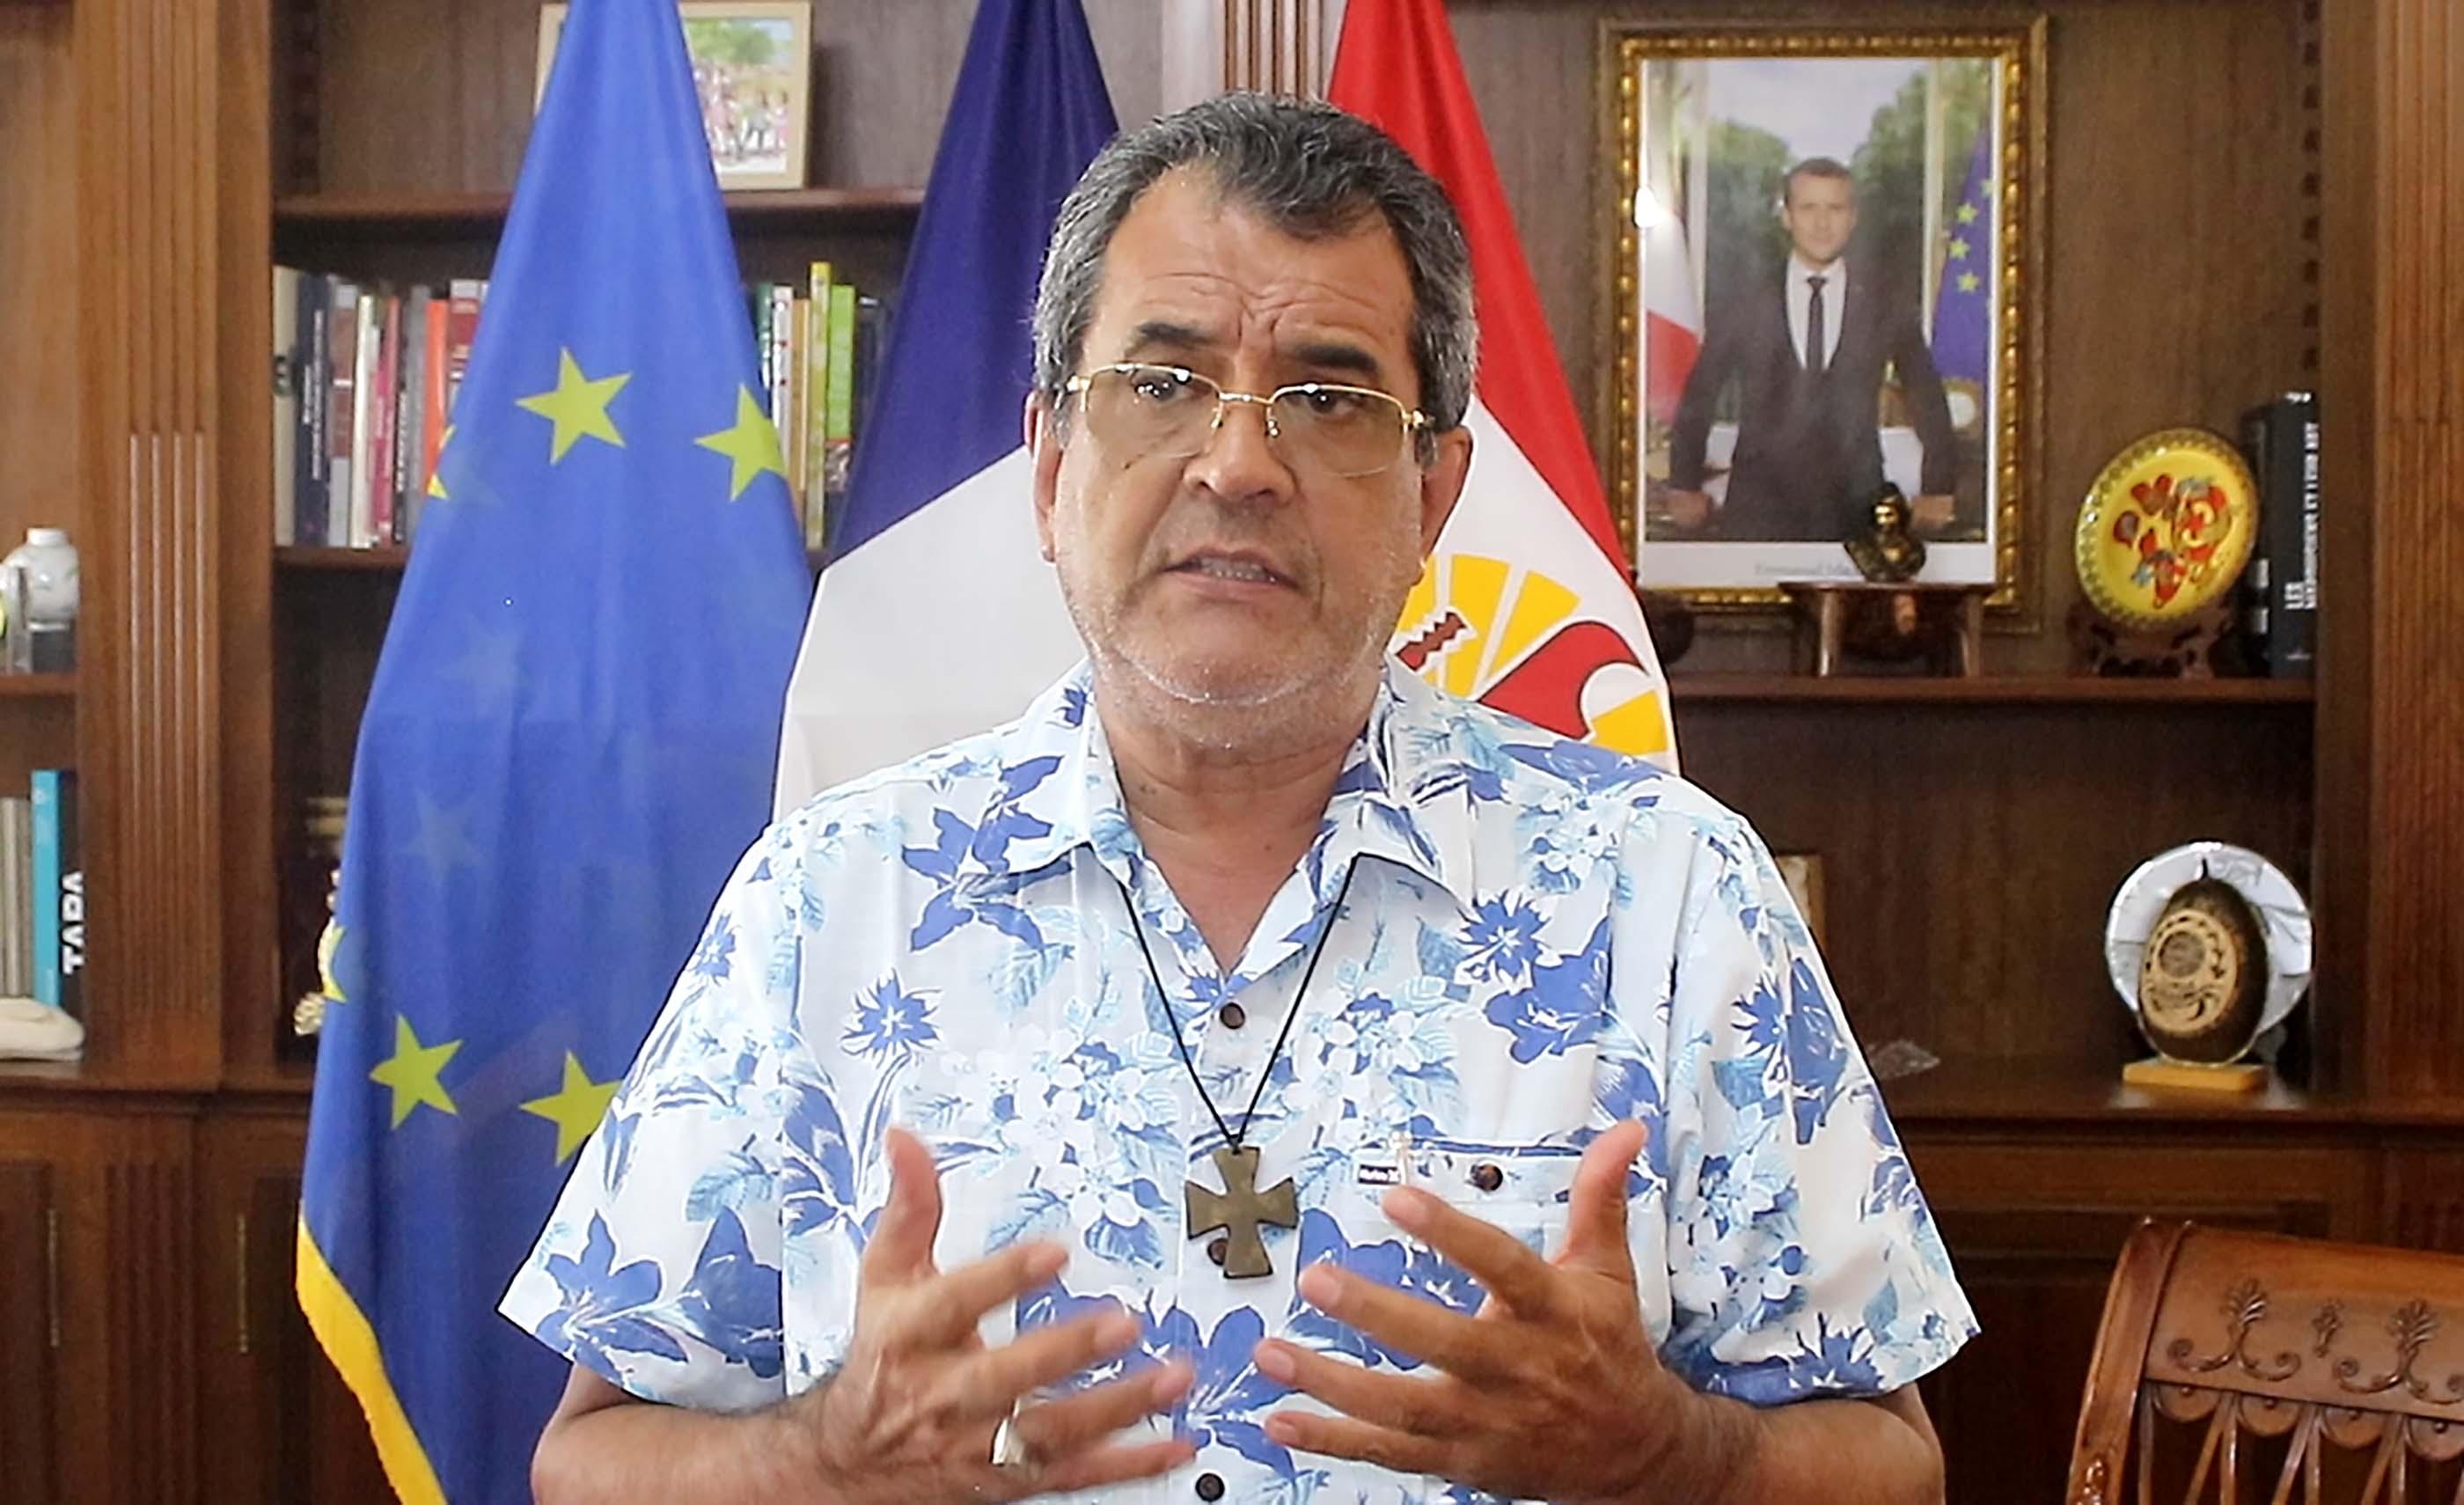 Pas de retour prévu pour les Polynésiens bloqués en métropole